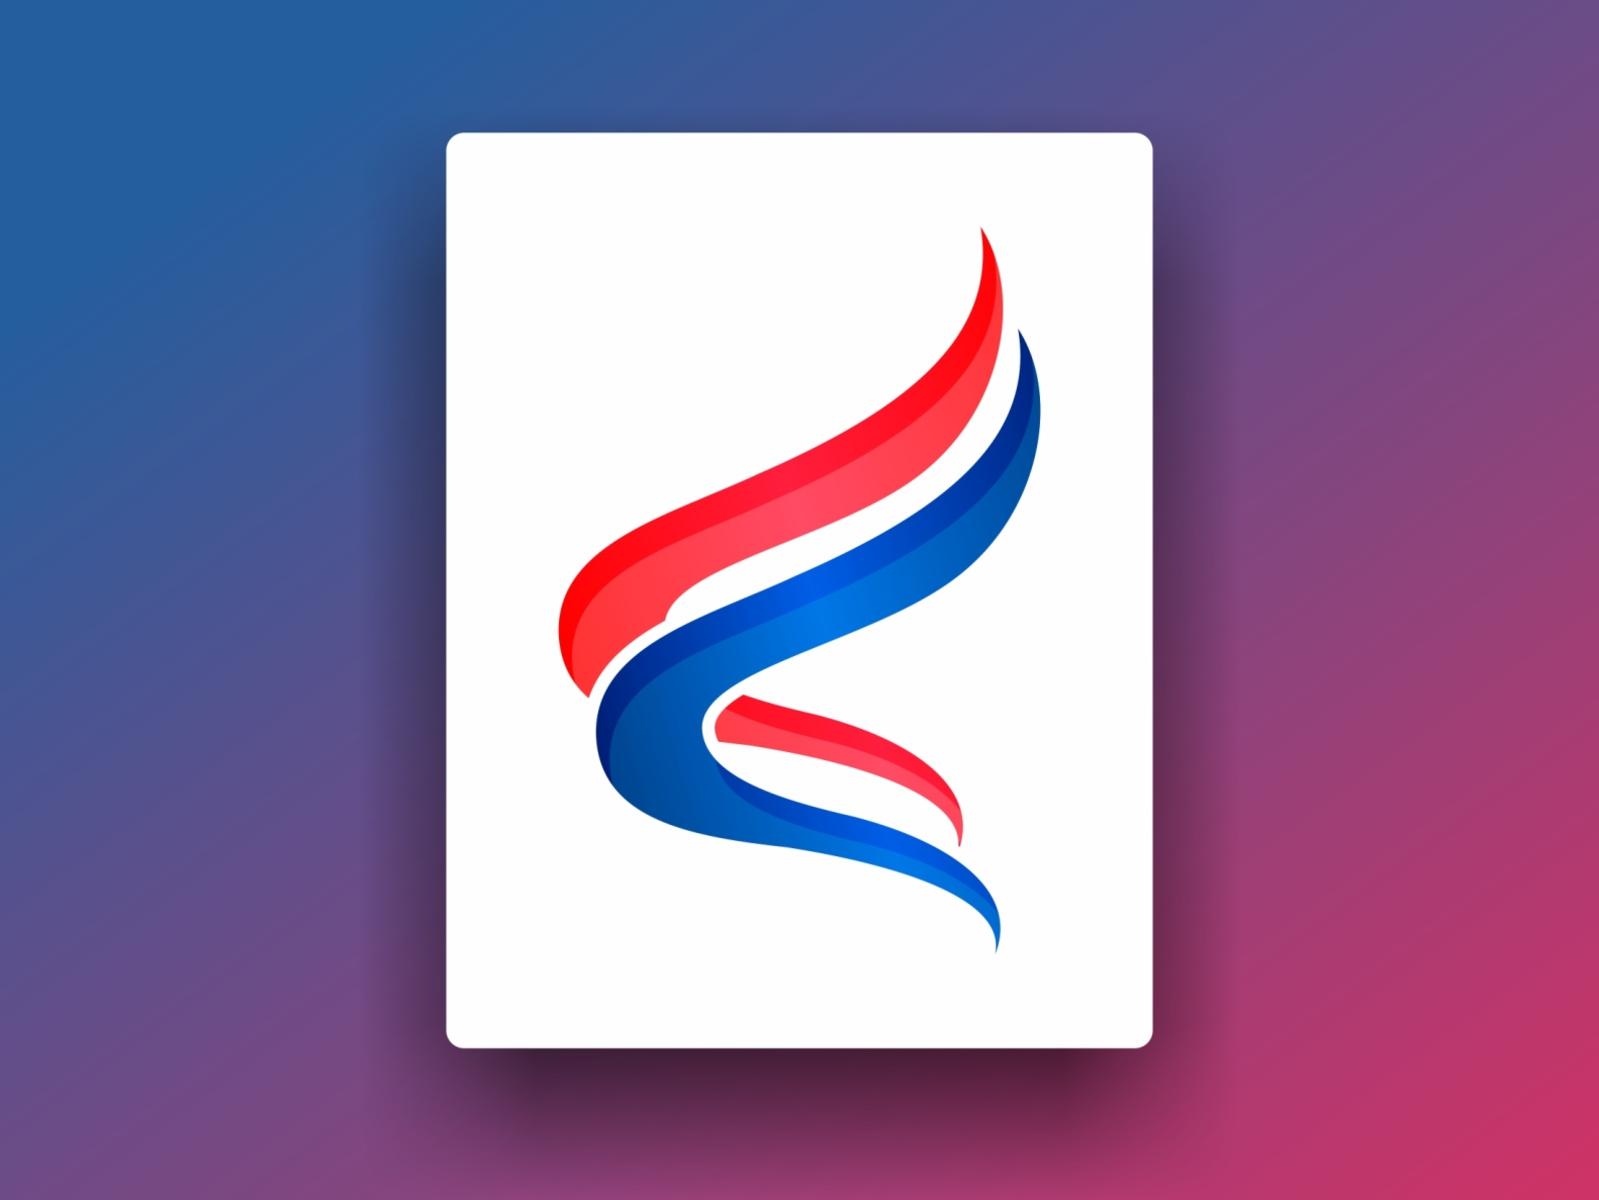 sma logo by heyrichx on Dribbble.